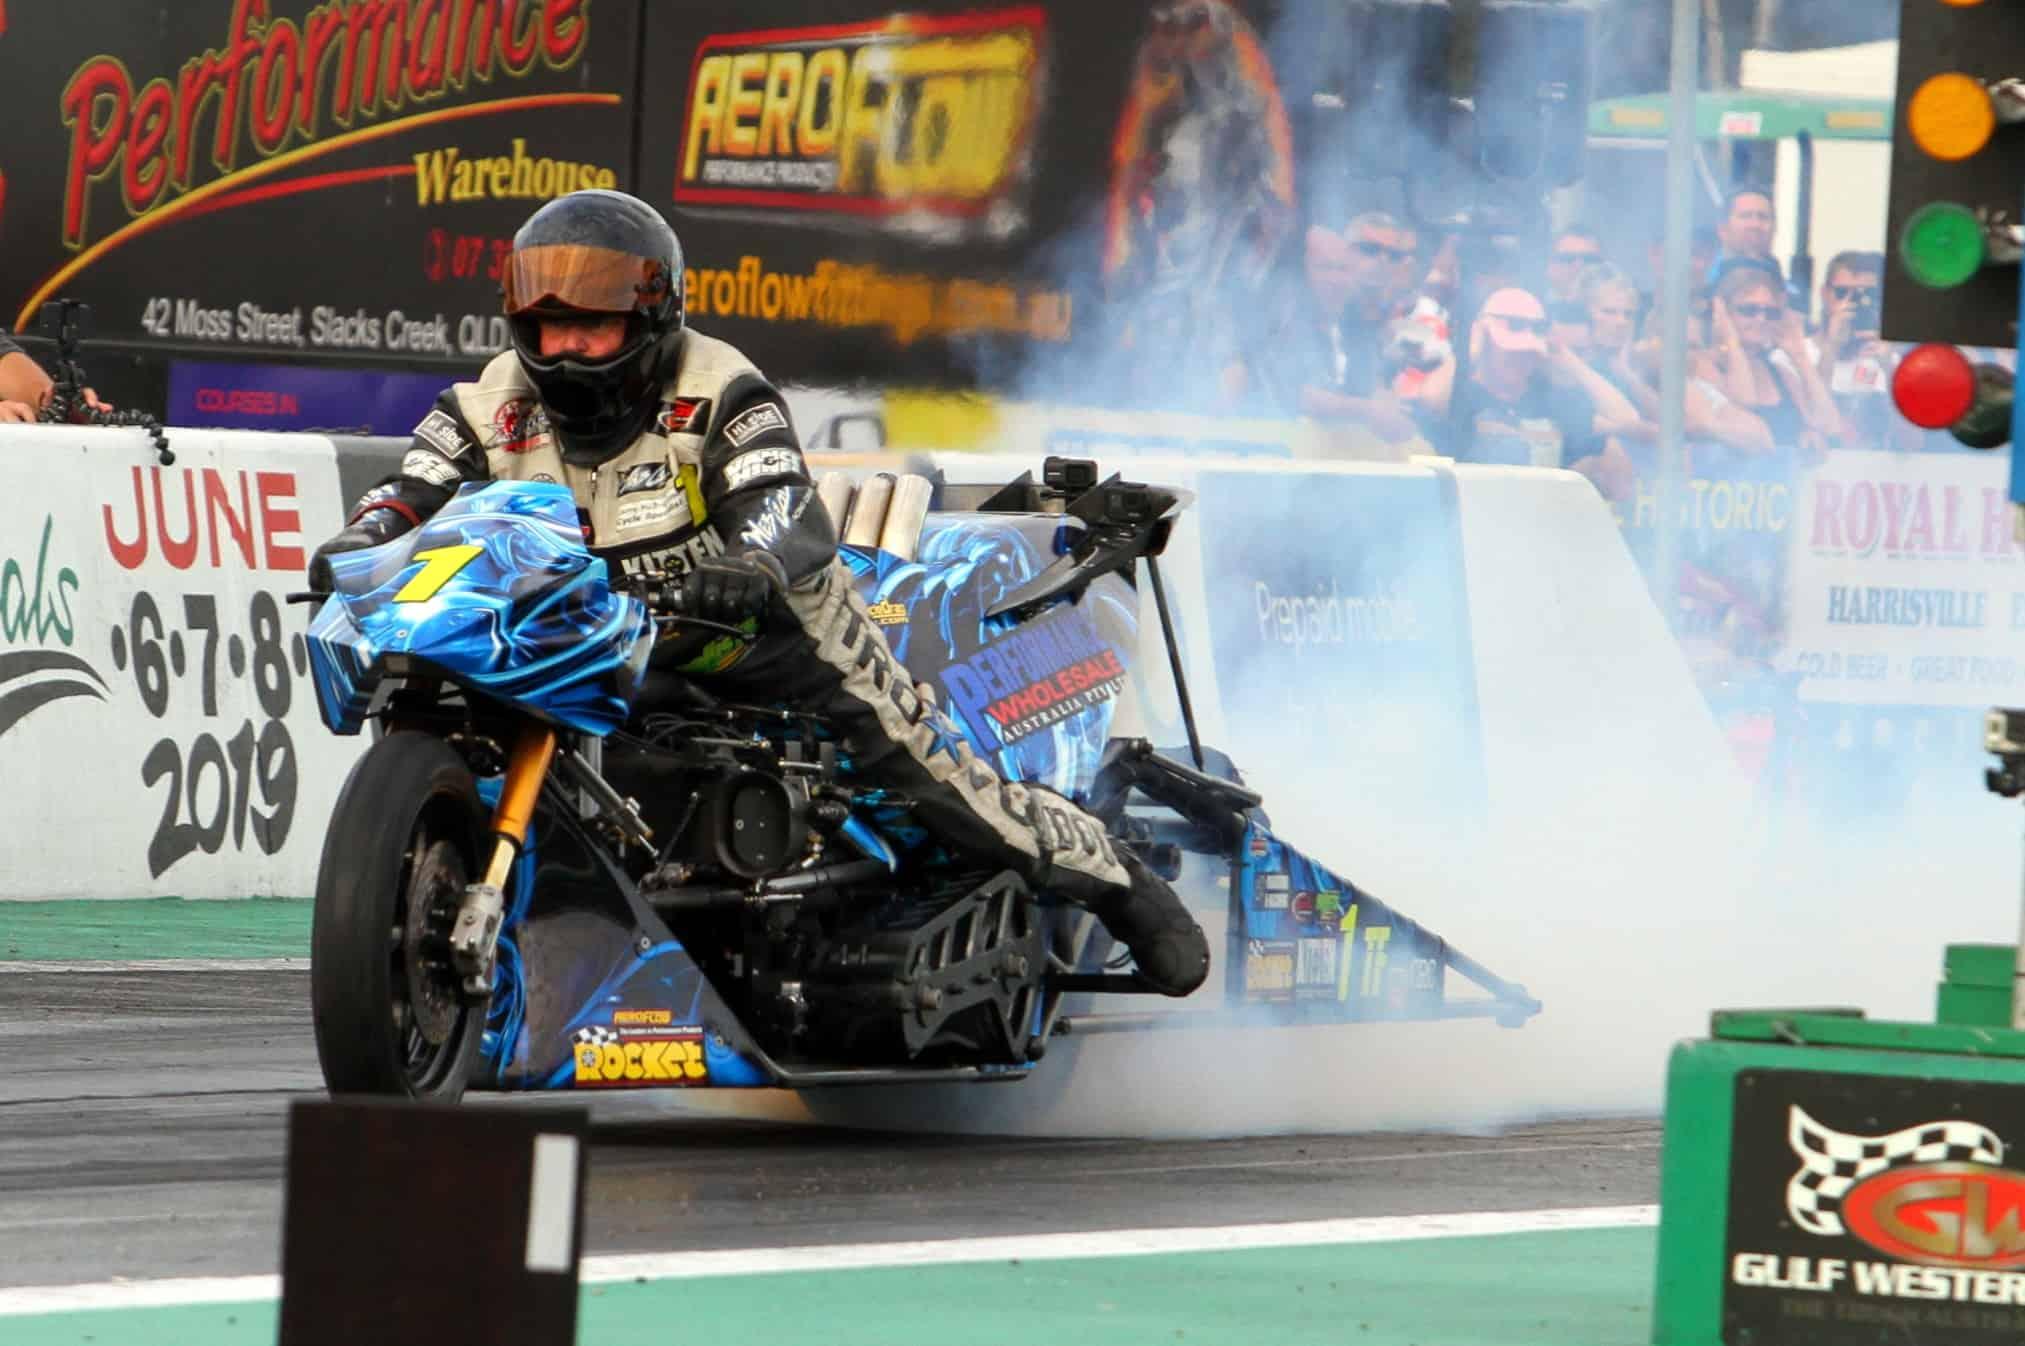 Easter Set to Unleash (UPDATED) Nitro Voodoo Top Fuel Motorcycle